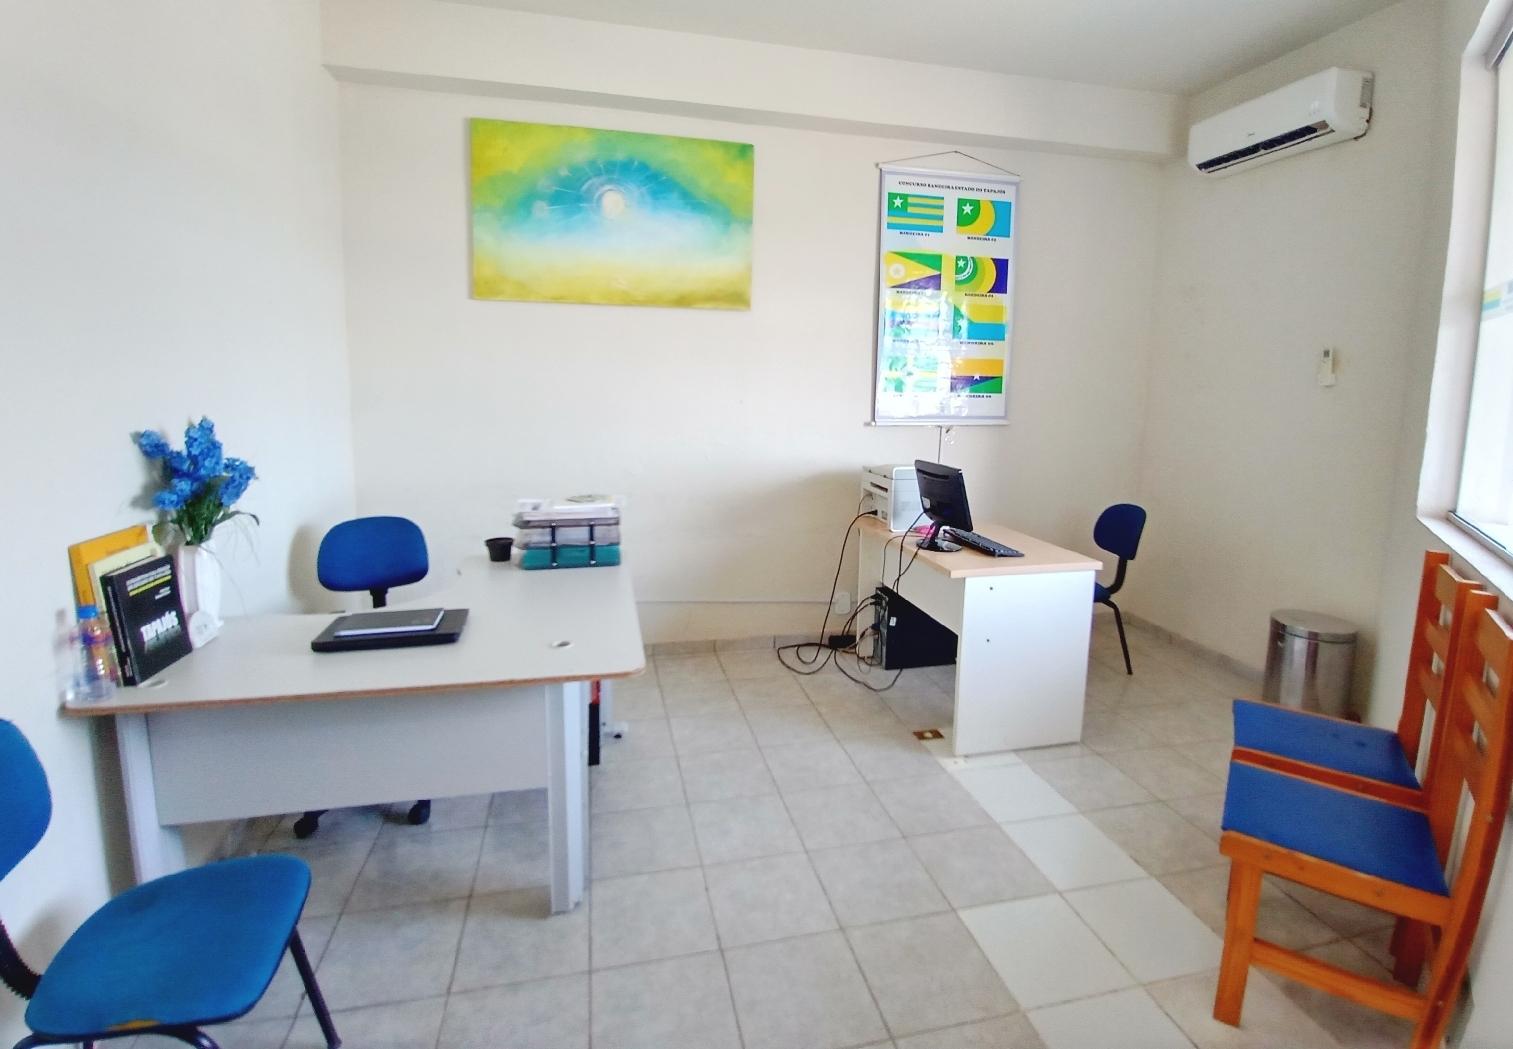 ICPET Instituto Cidadão Pró Estado do Tapajós ganha novo espaço.